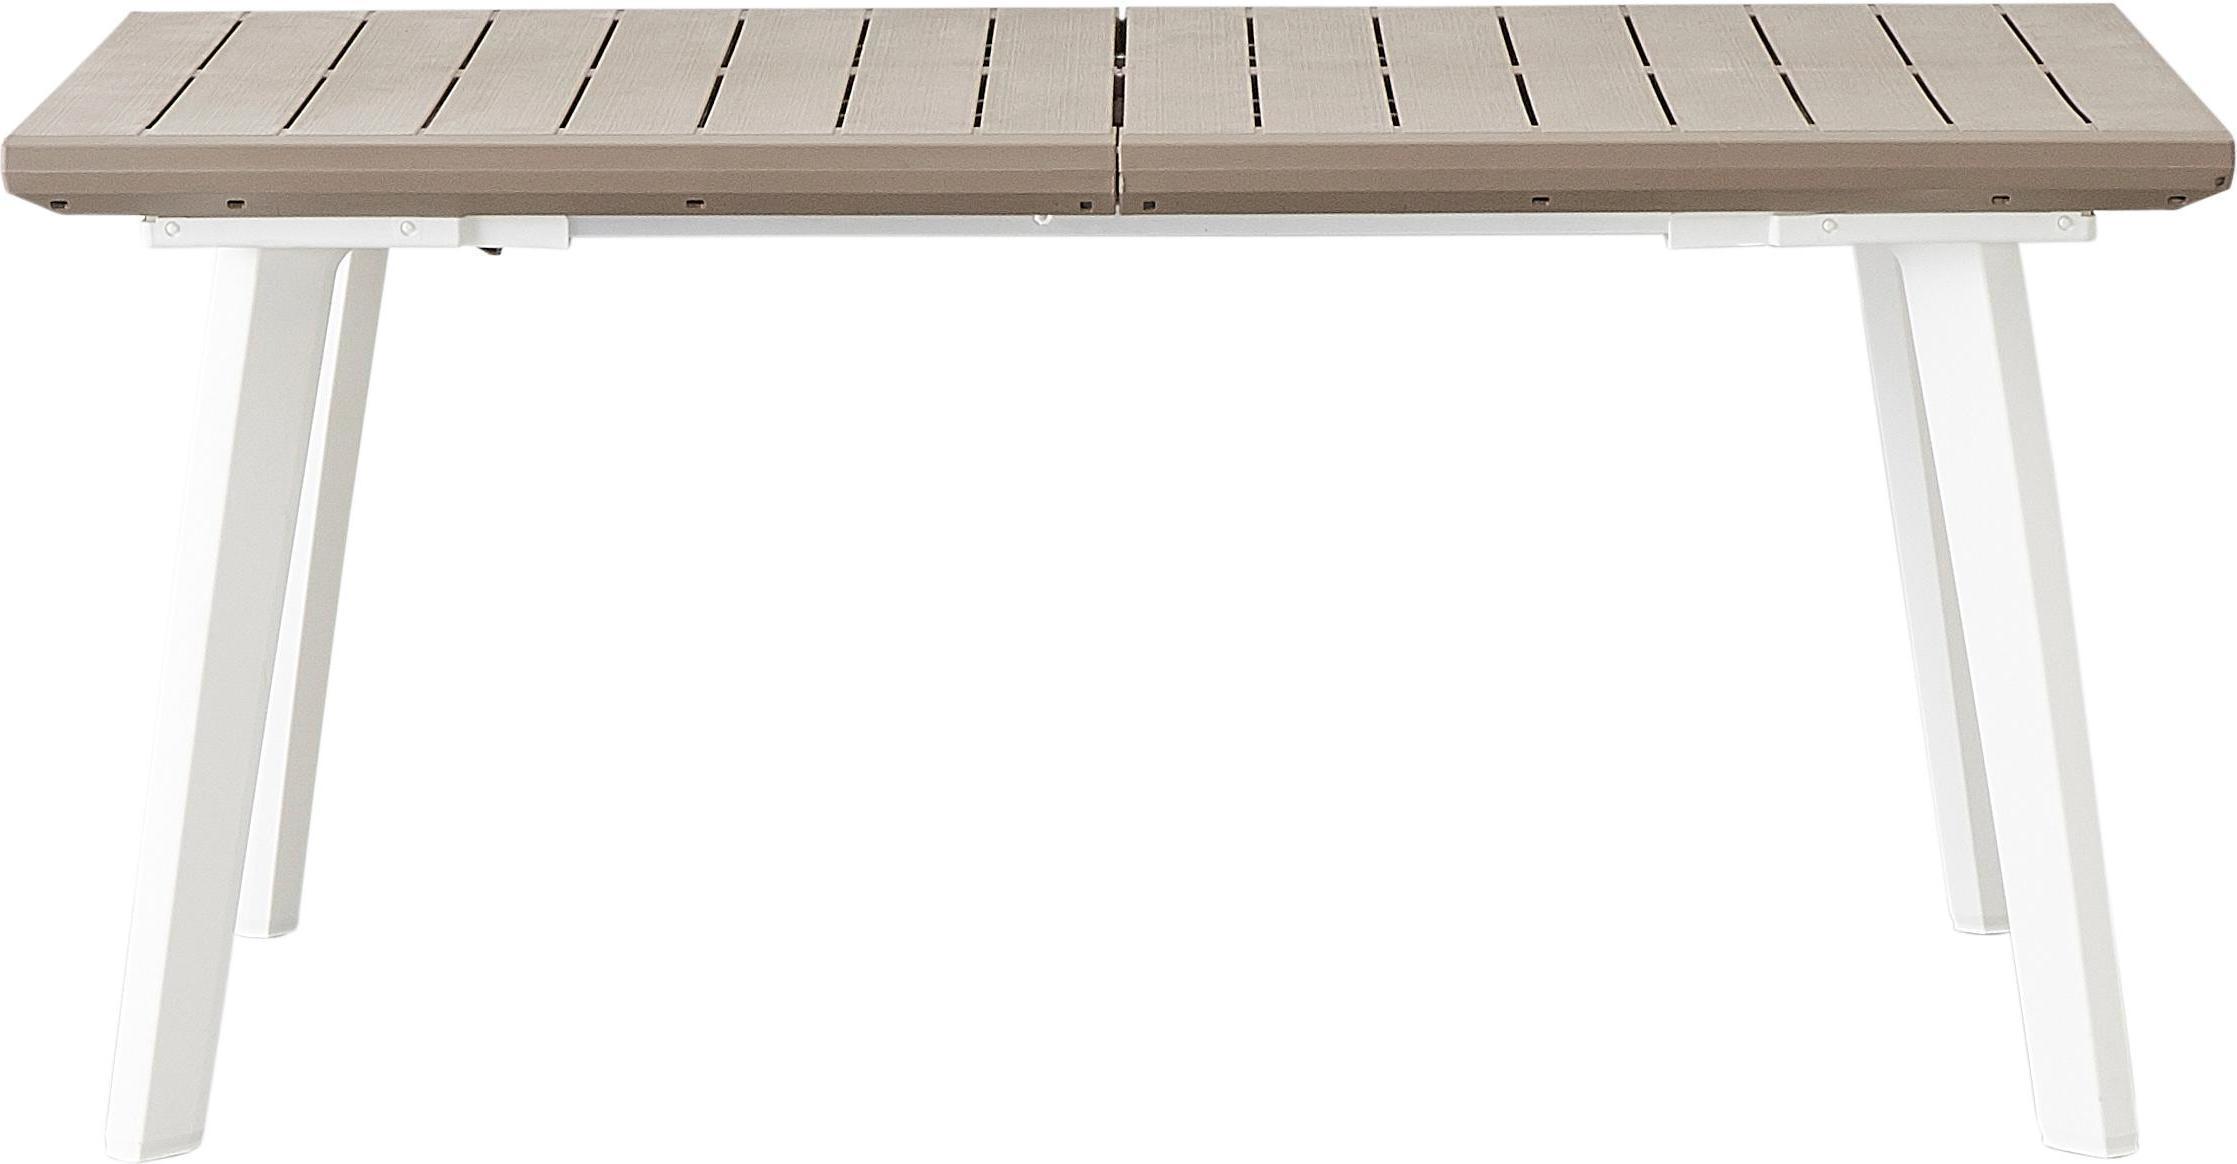 Top Goedkoopste Keter tuintafel (uitschuifbaar 160/240 cm) Harmony ZN21